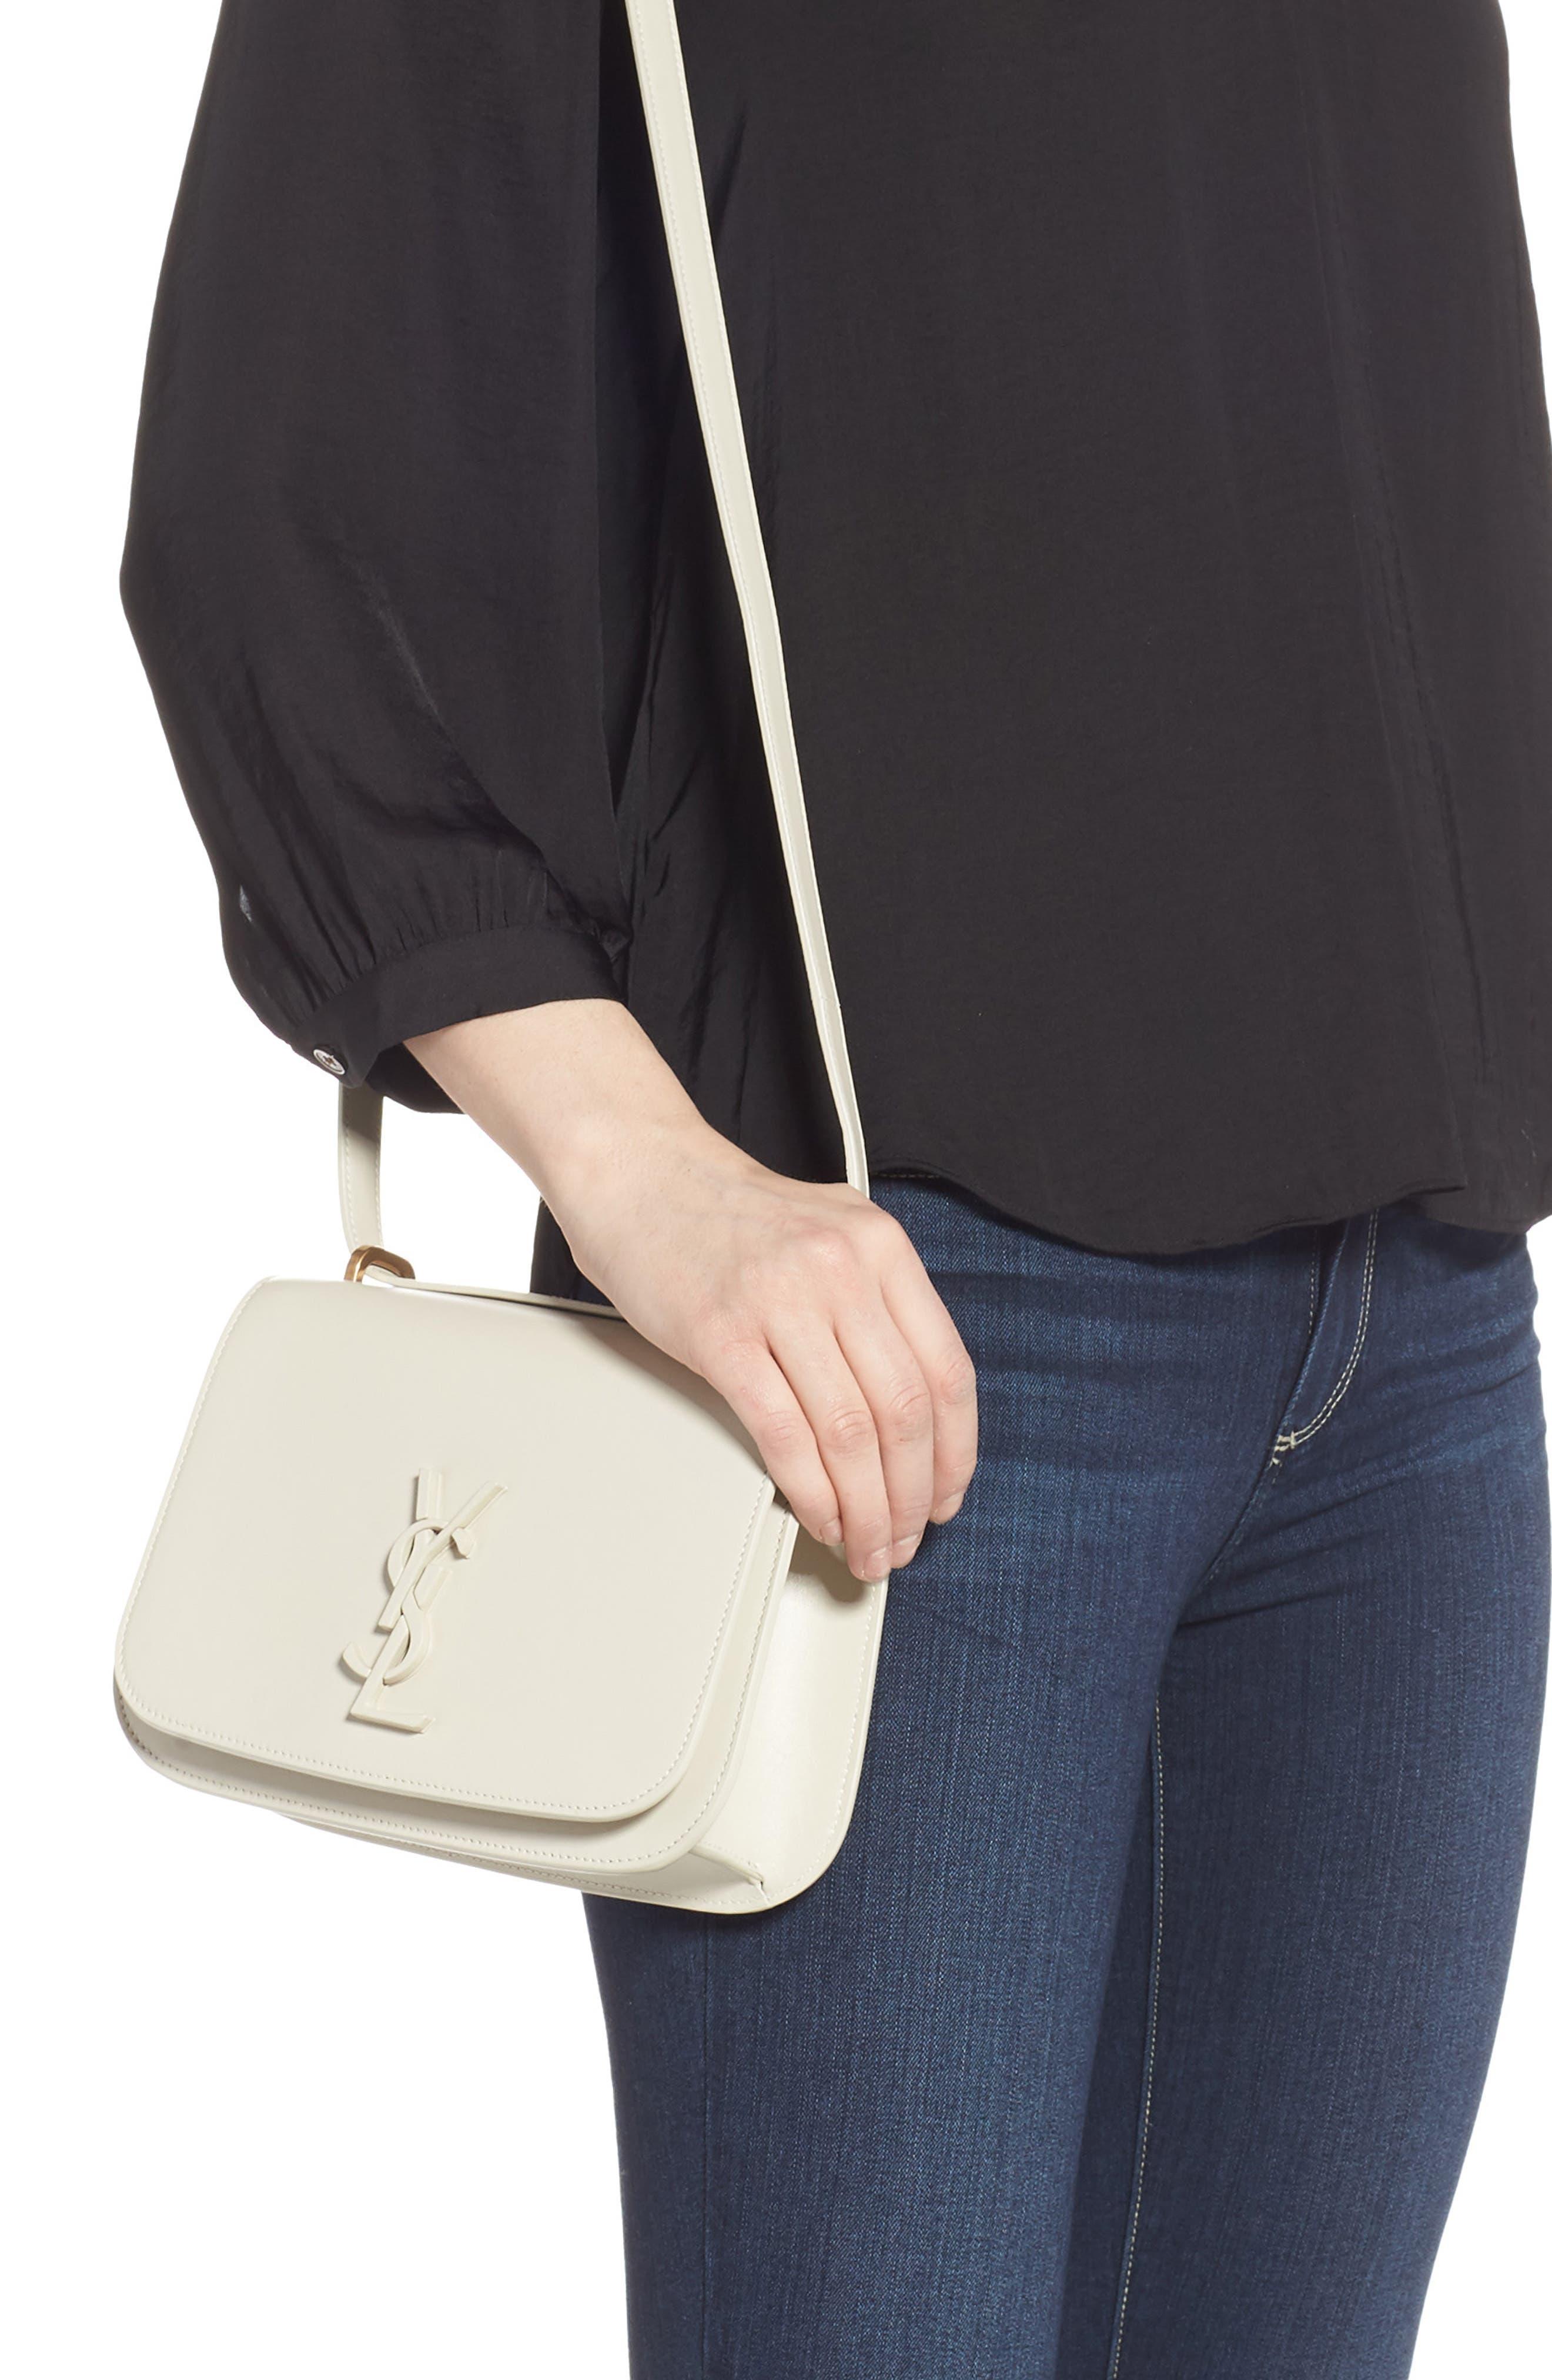 Spontini Calfskin Leather Shoulder Bag,                             Alternate thumbnail 2, color,                             CREMASOFT